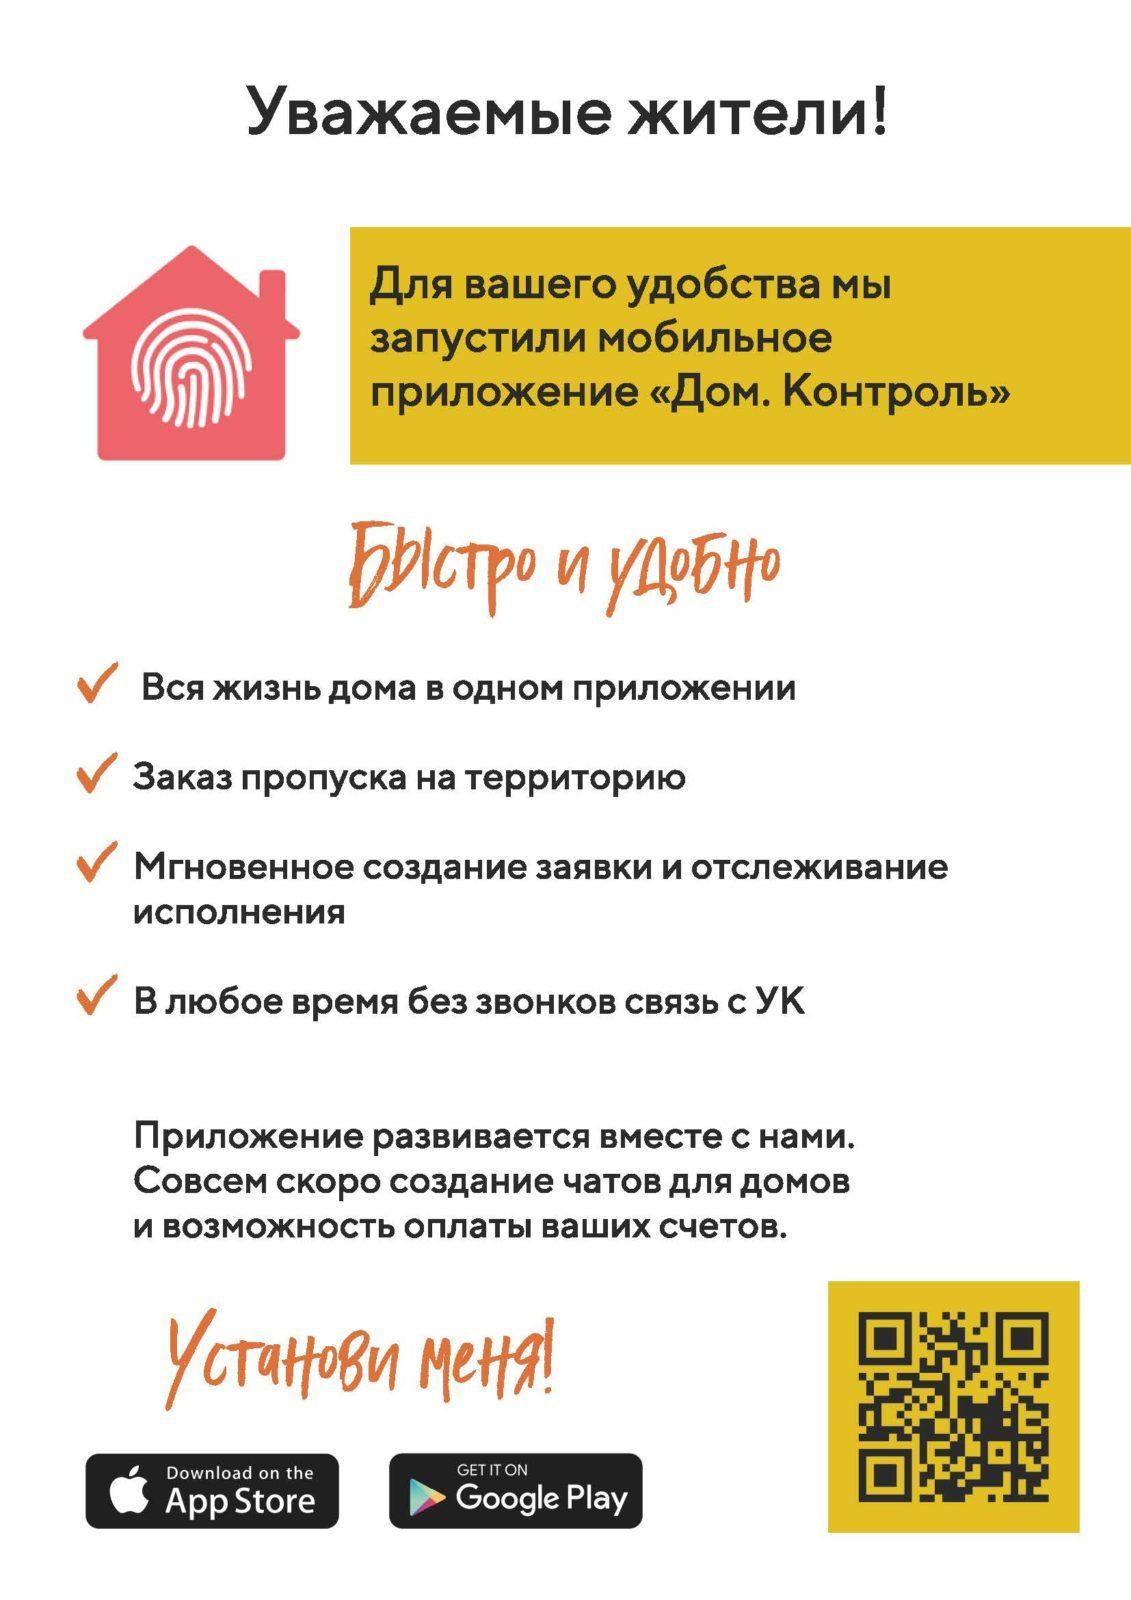 Информация для жителей!